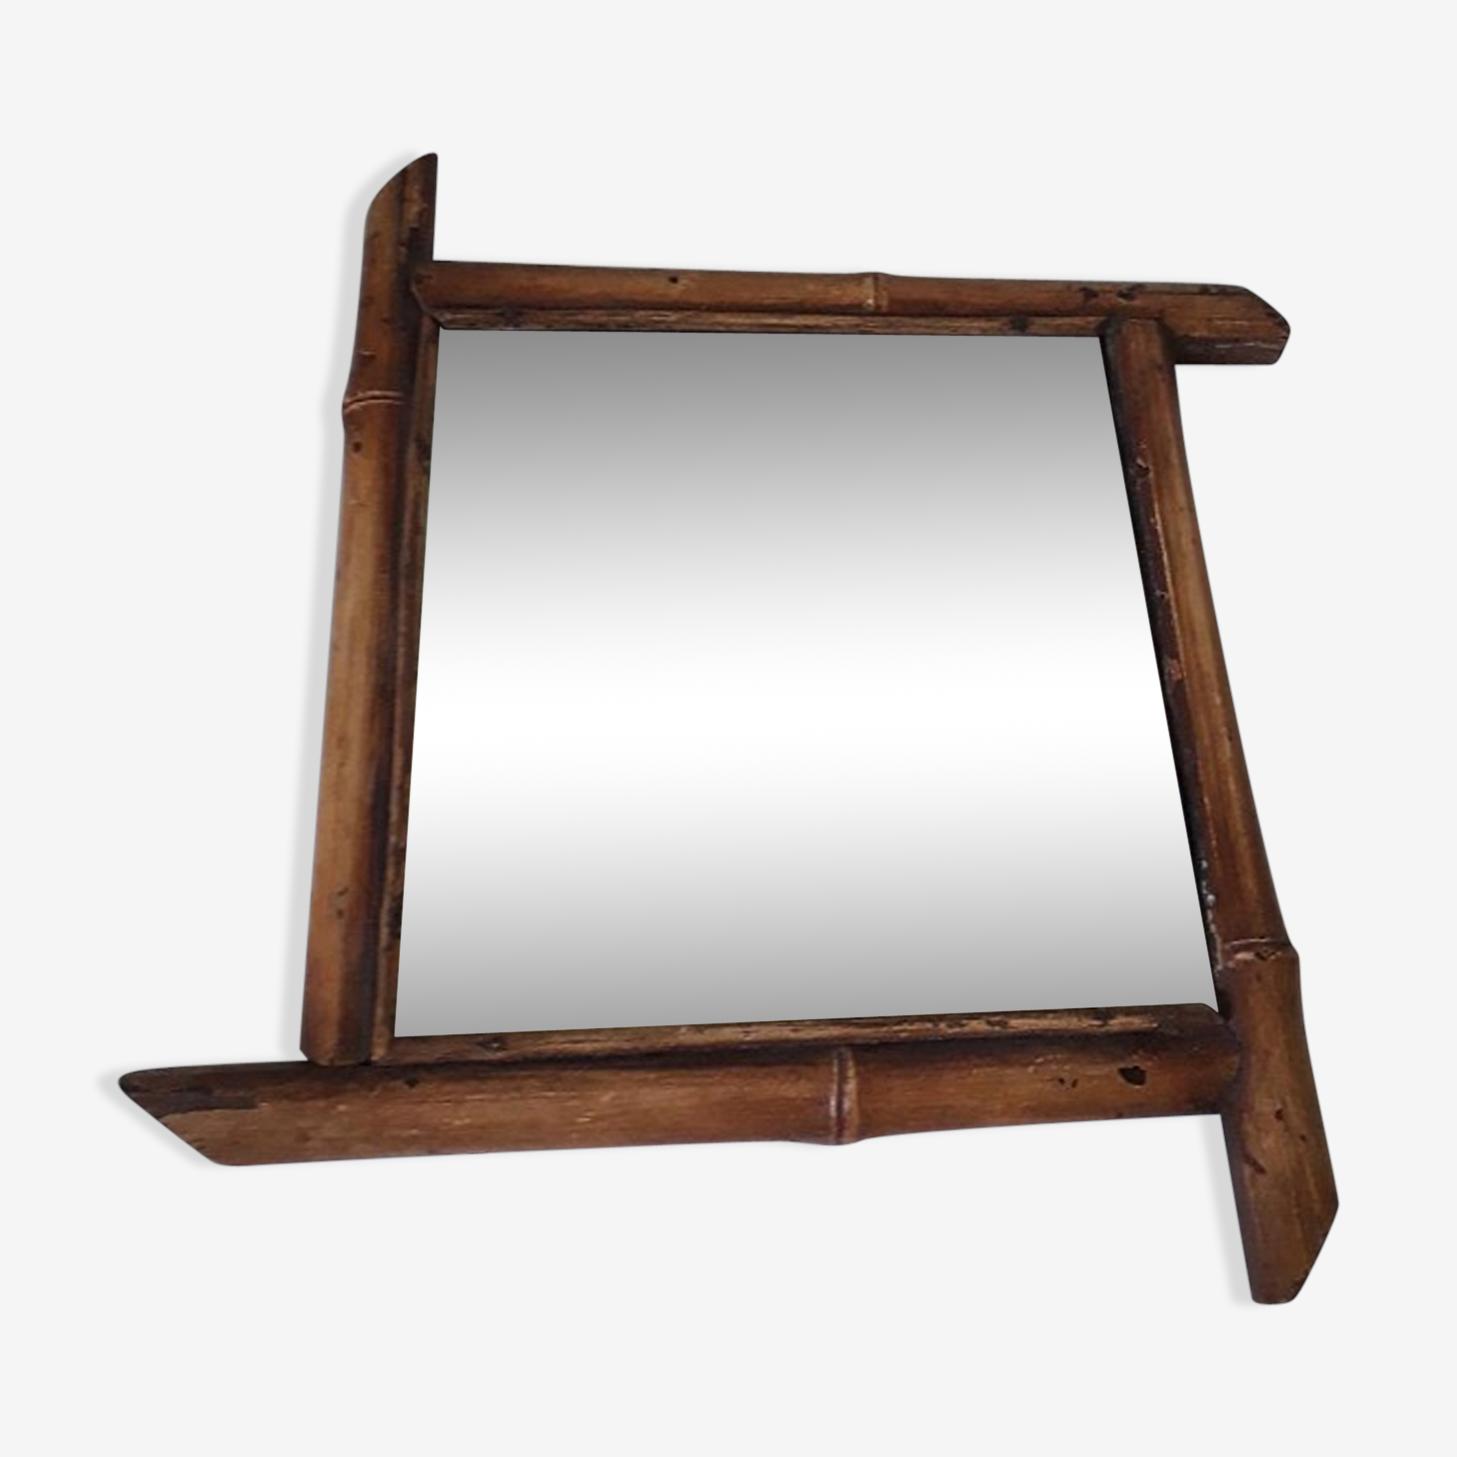 Miroir en bambou biseauté 30x30cm